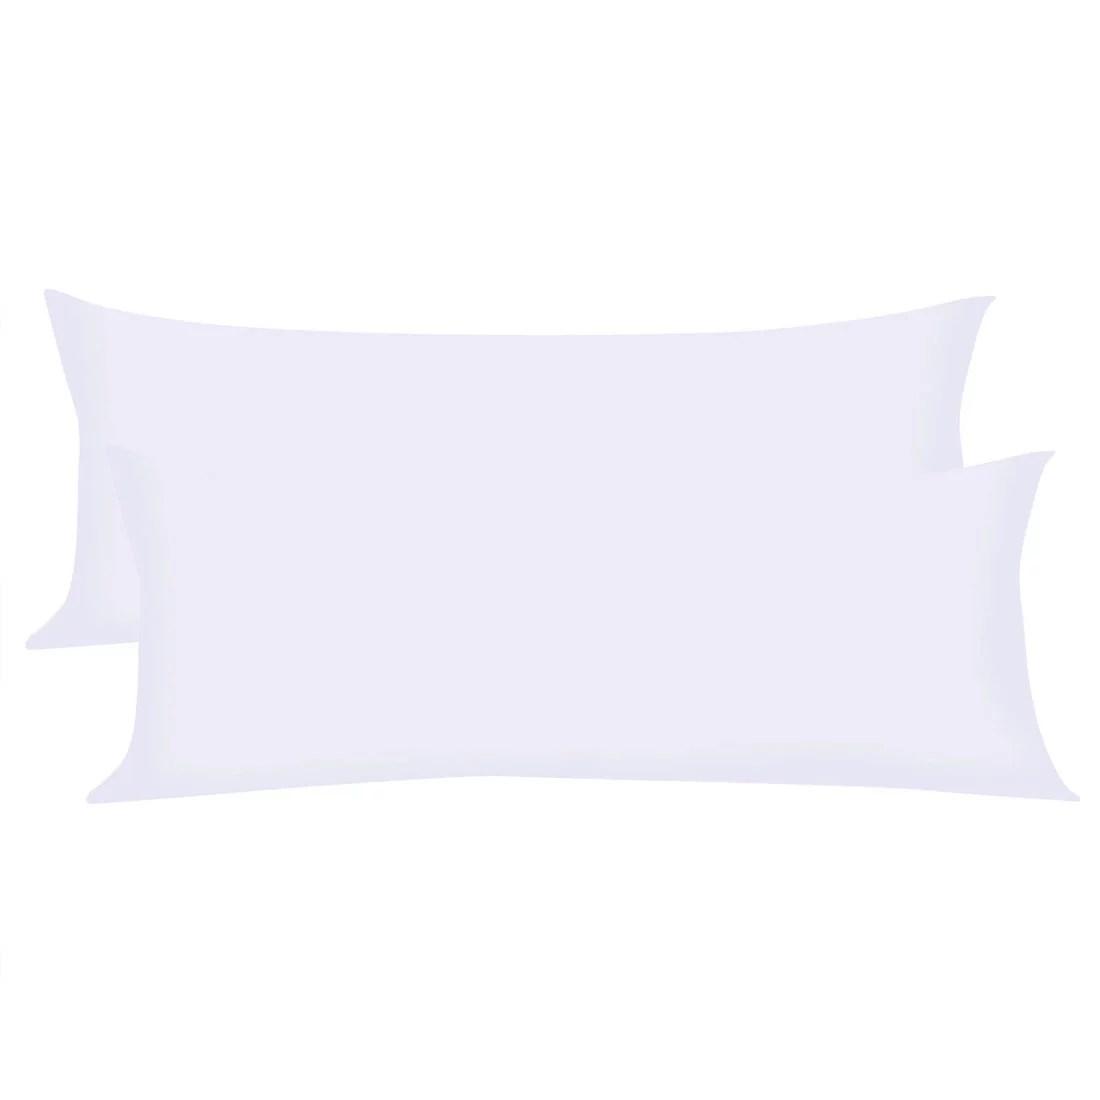 allerease body pillow protector 1 each